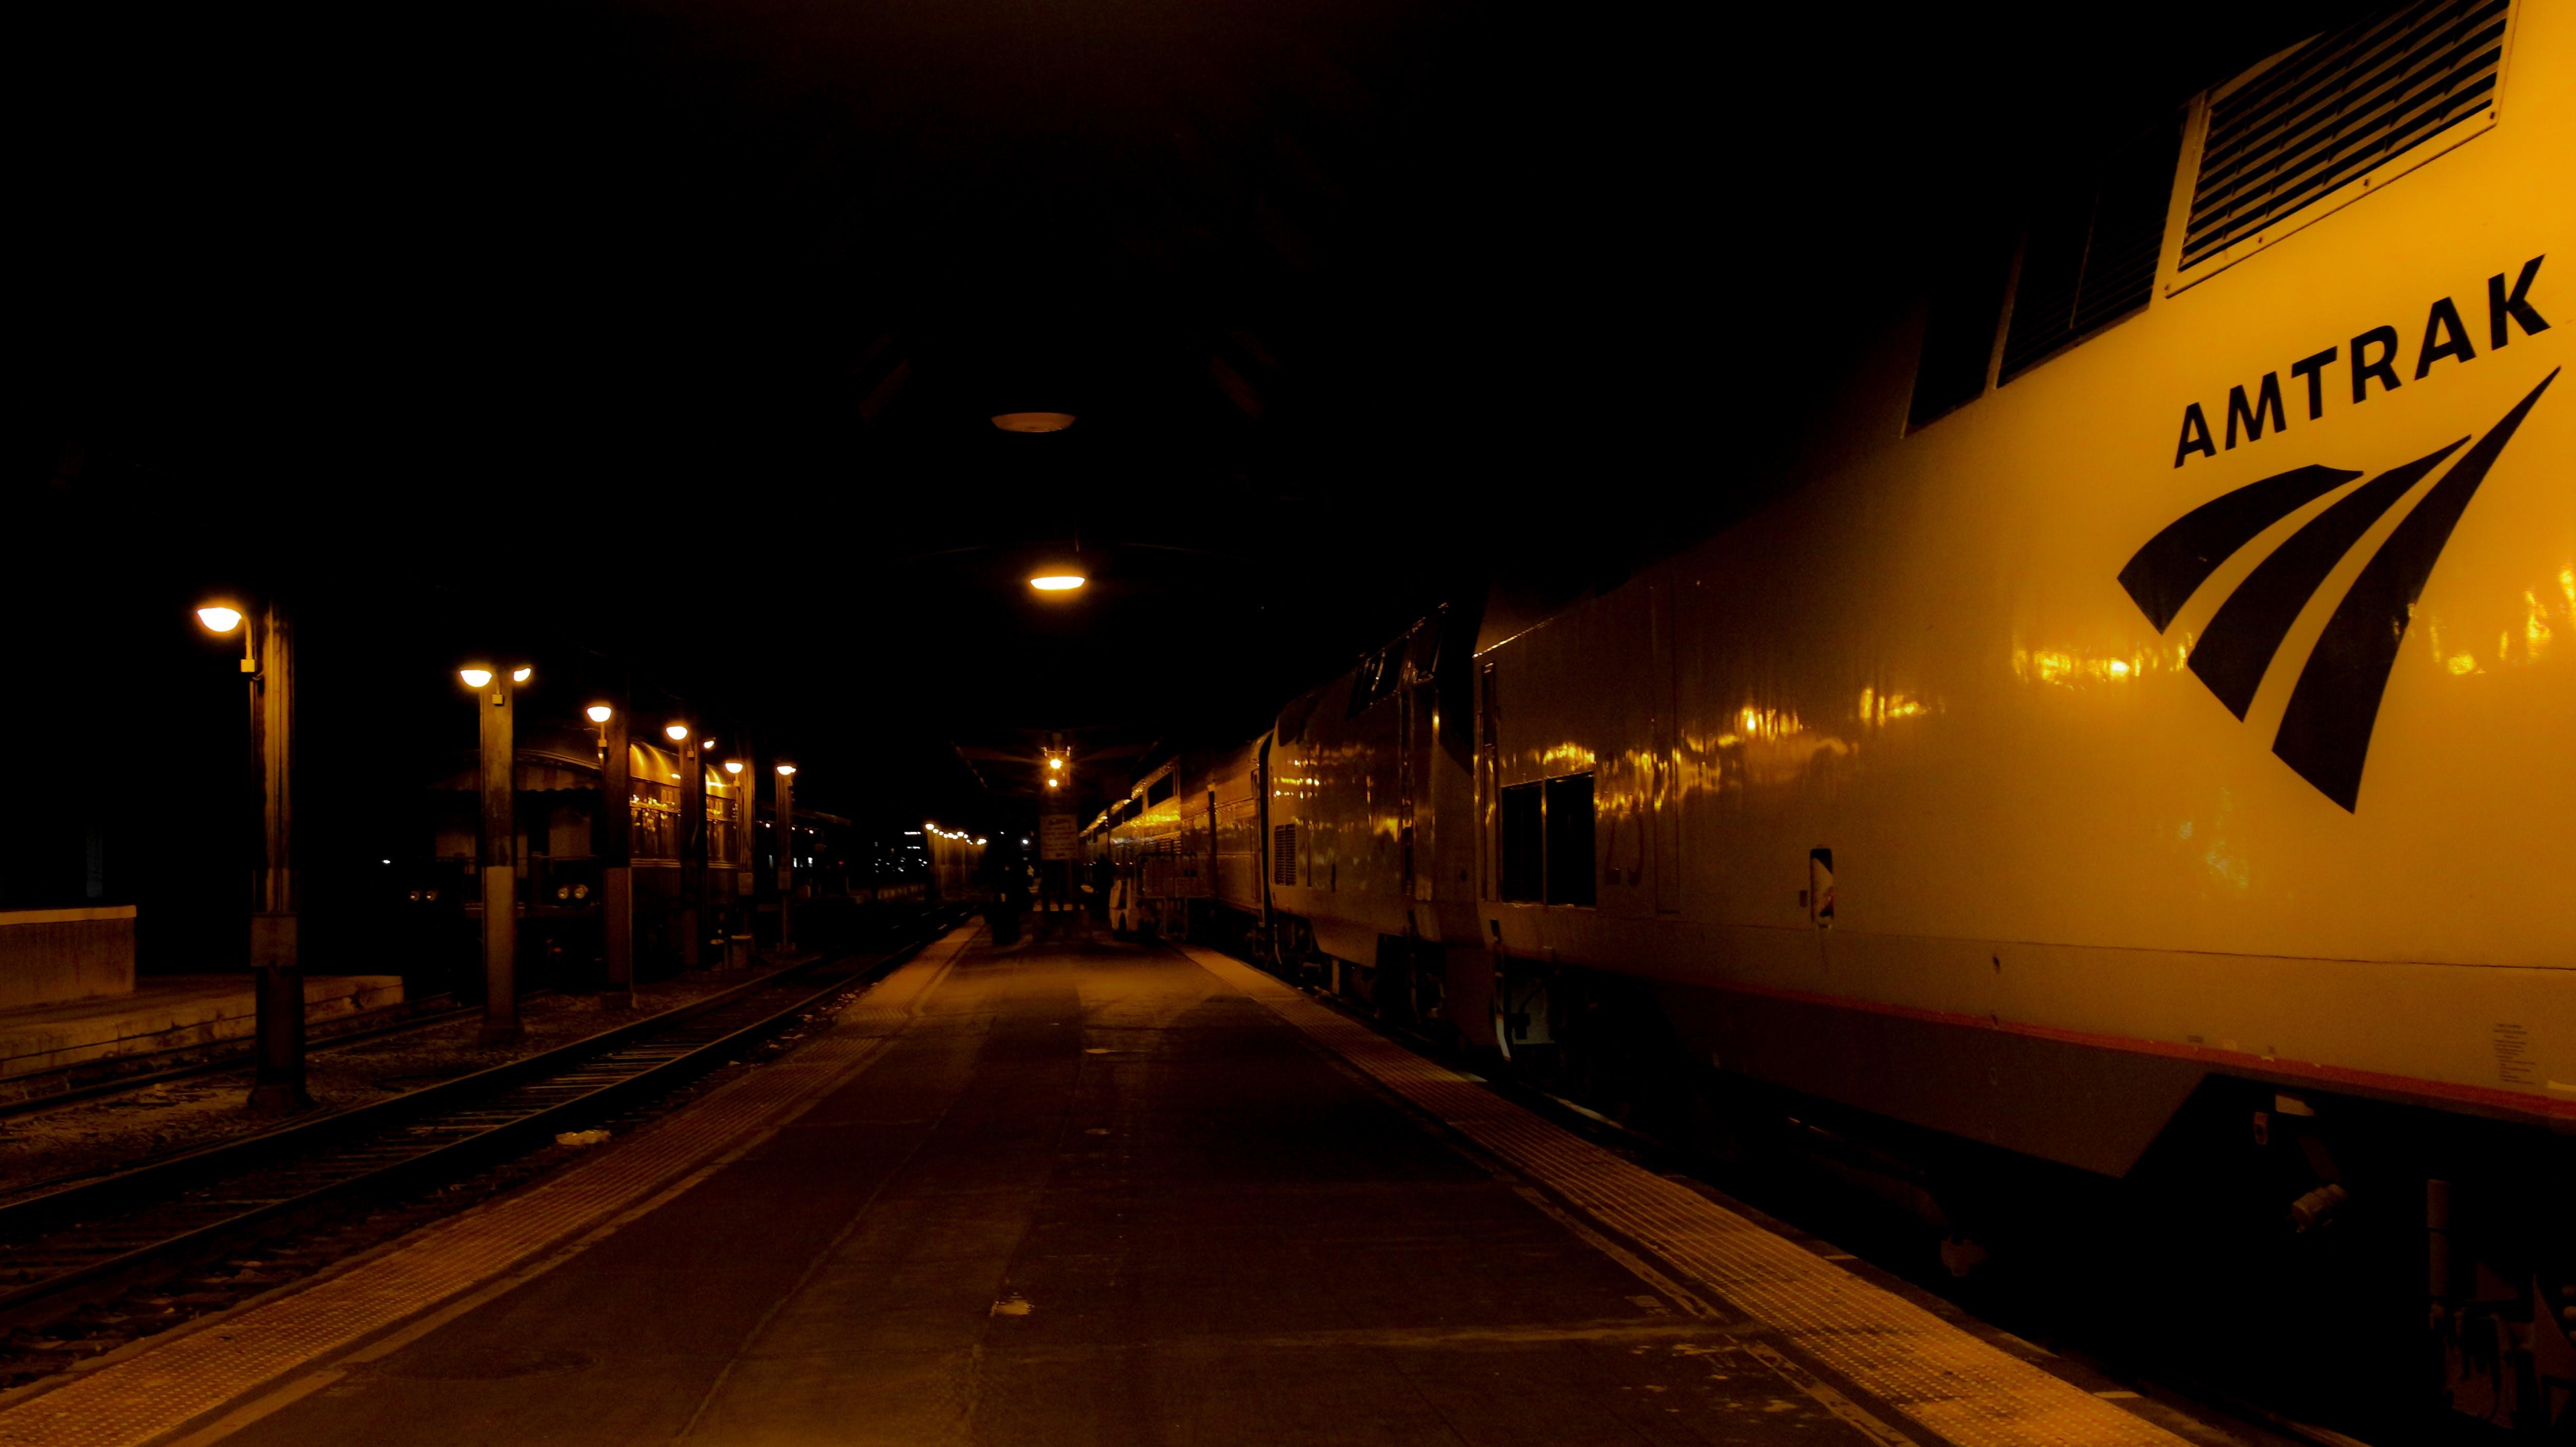 Free stock photo of night, dark, train, travel